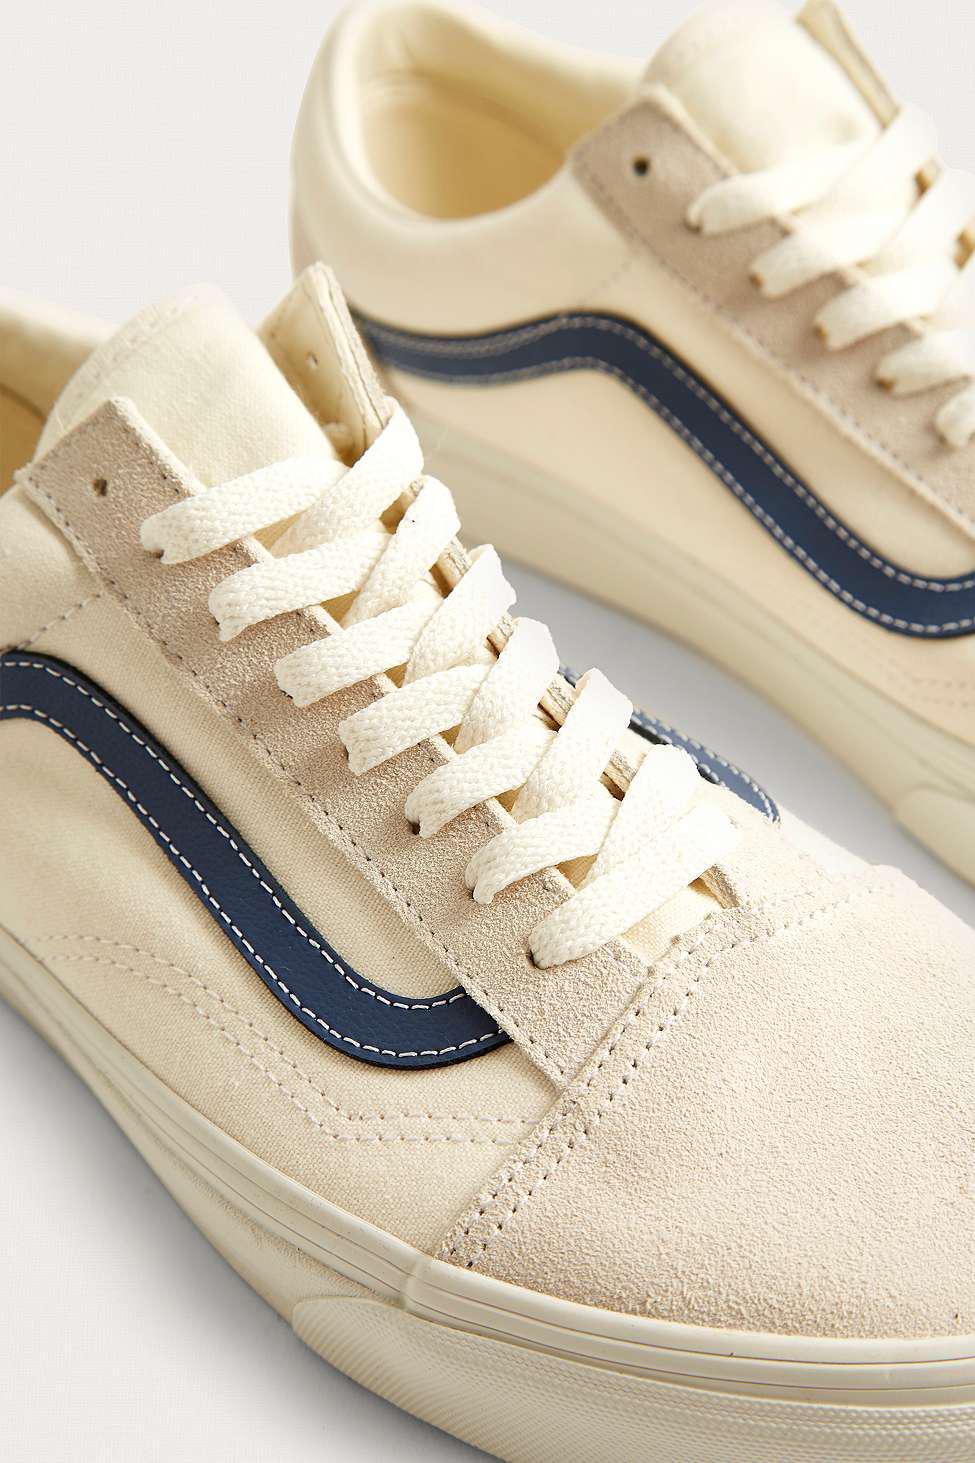 59fc009225 Vans Old Skool White And Vintage Navy Trainers - Mens Uk 10.5 in ...